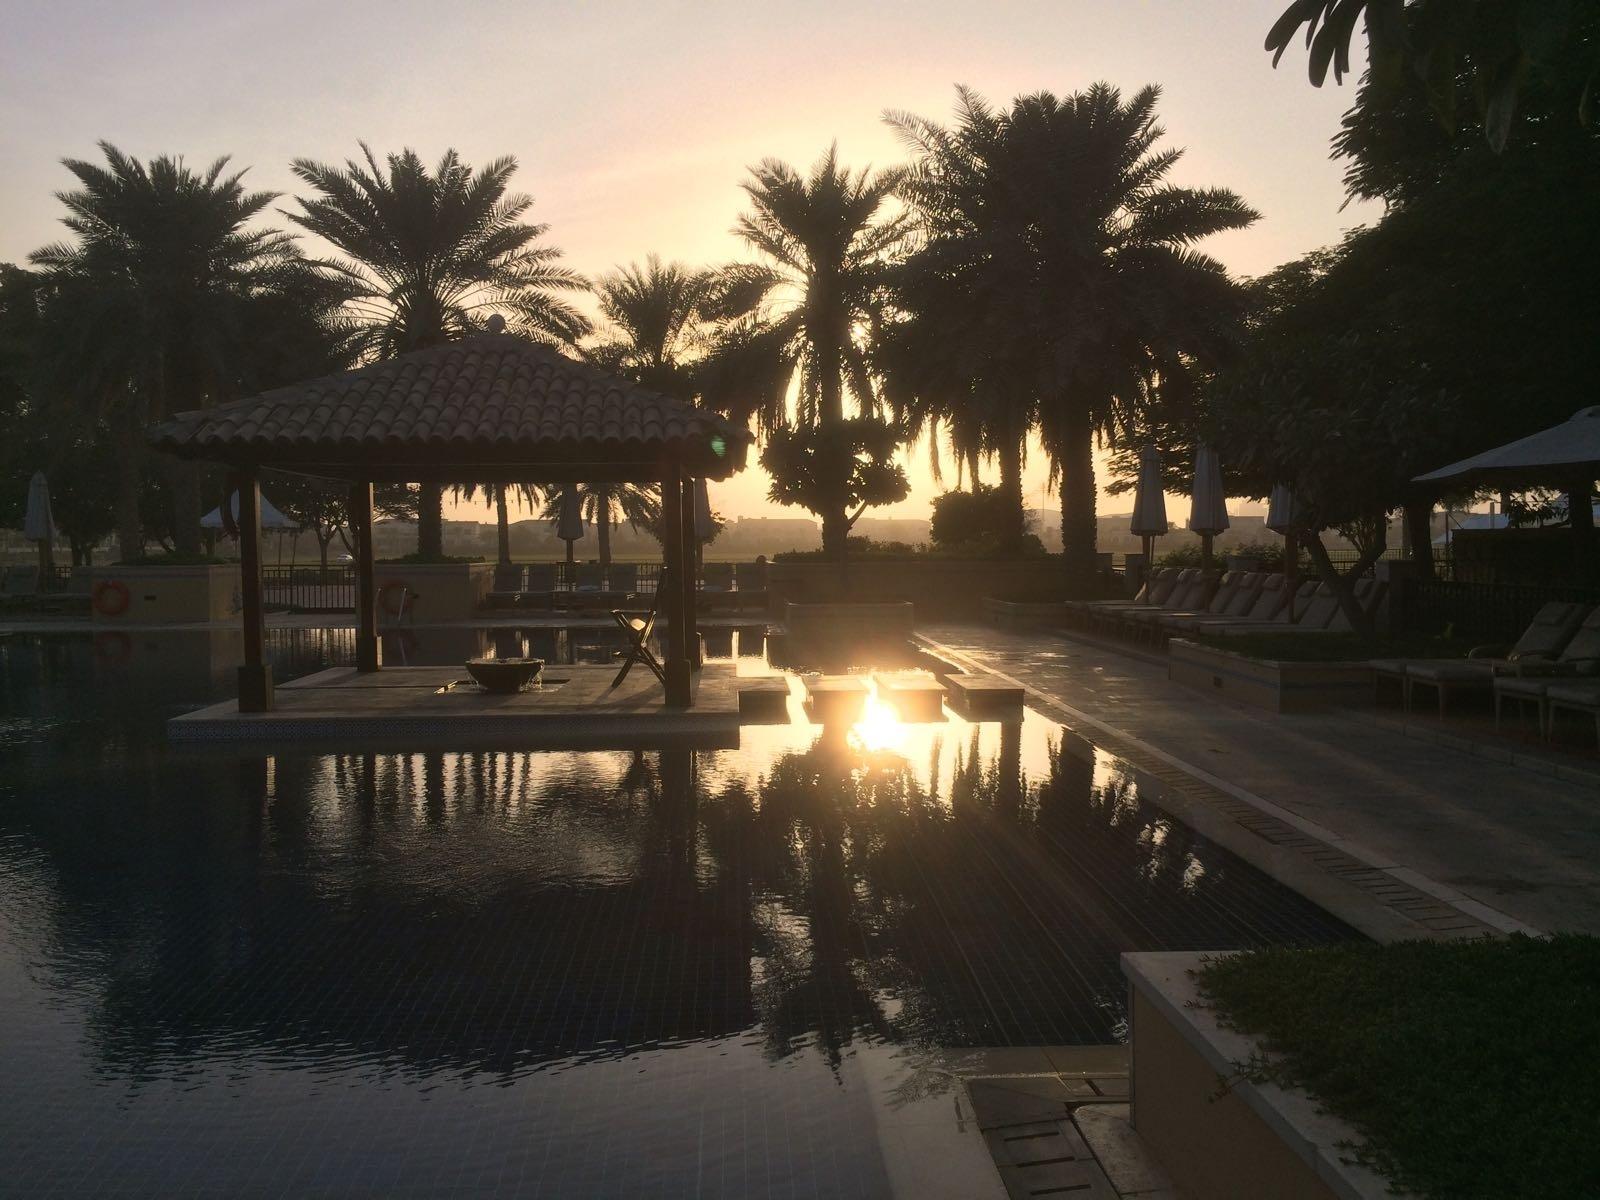 A swimming pool in Dubai